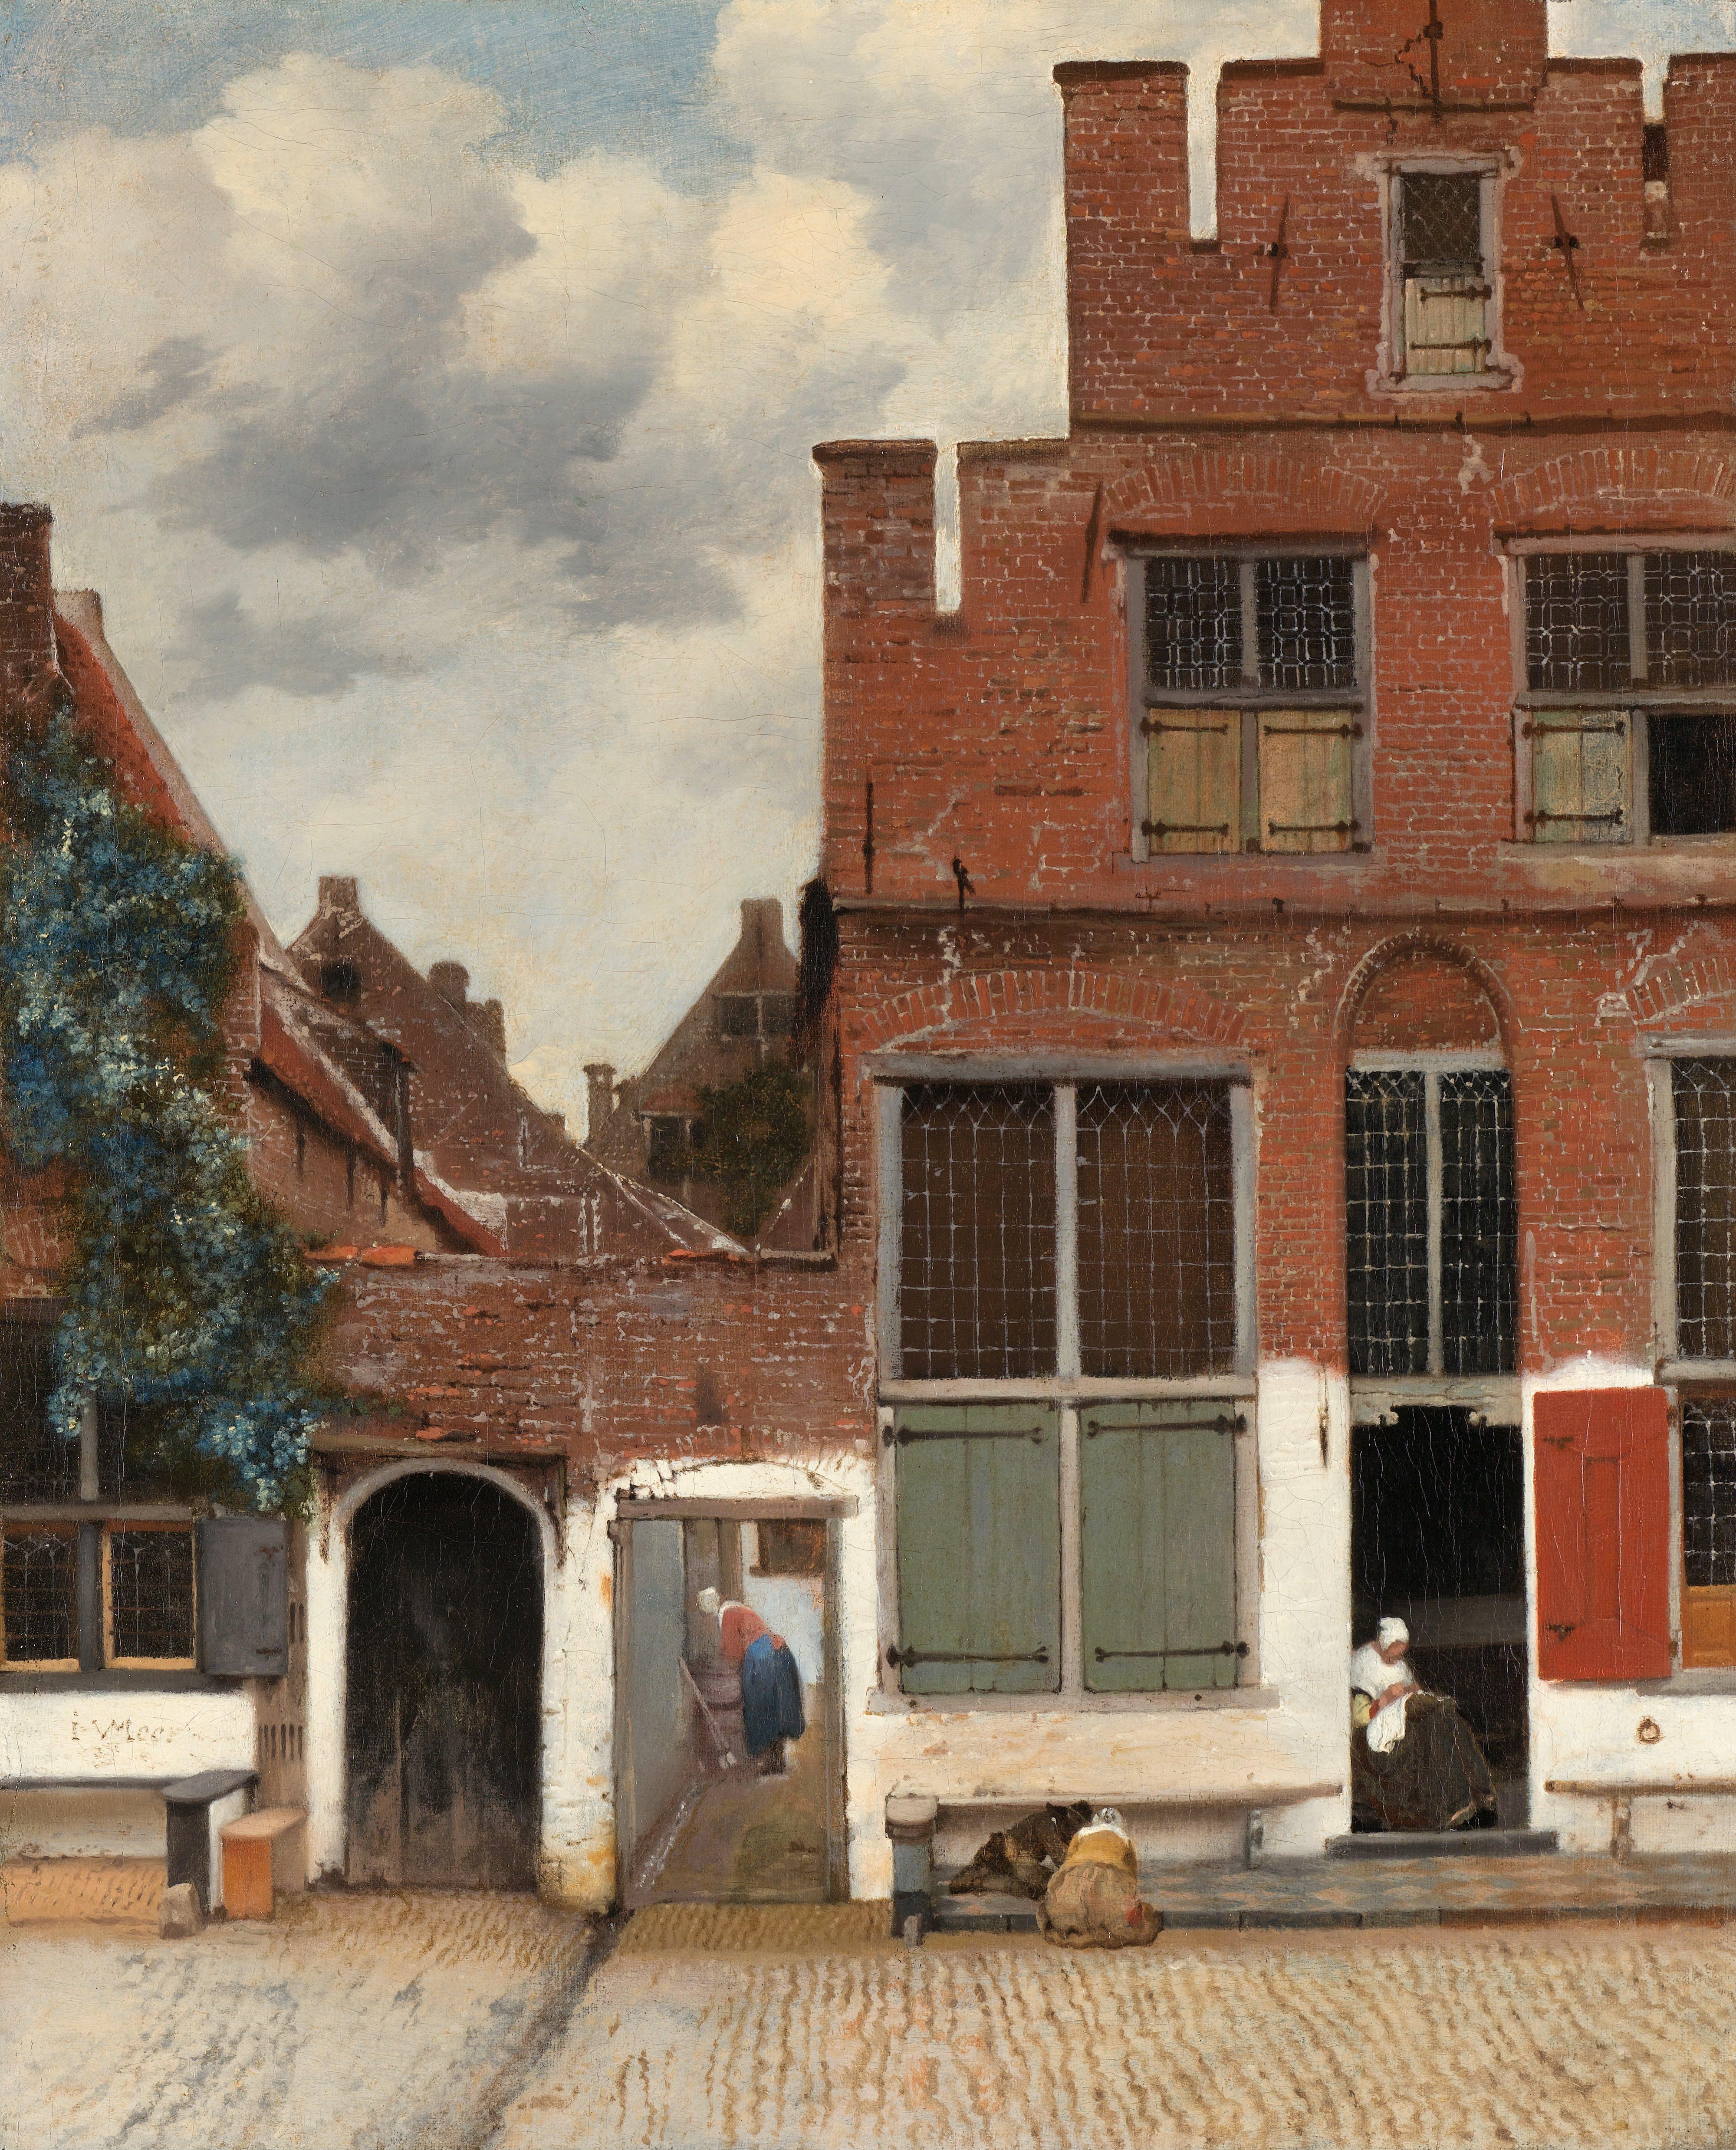 Vermeer's Little Street